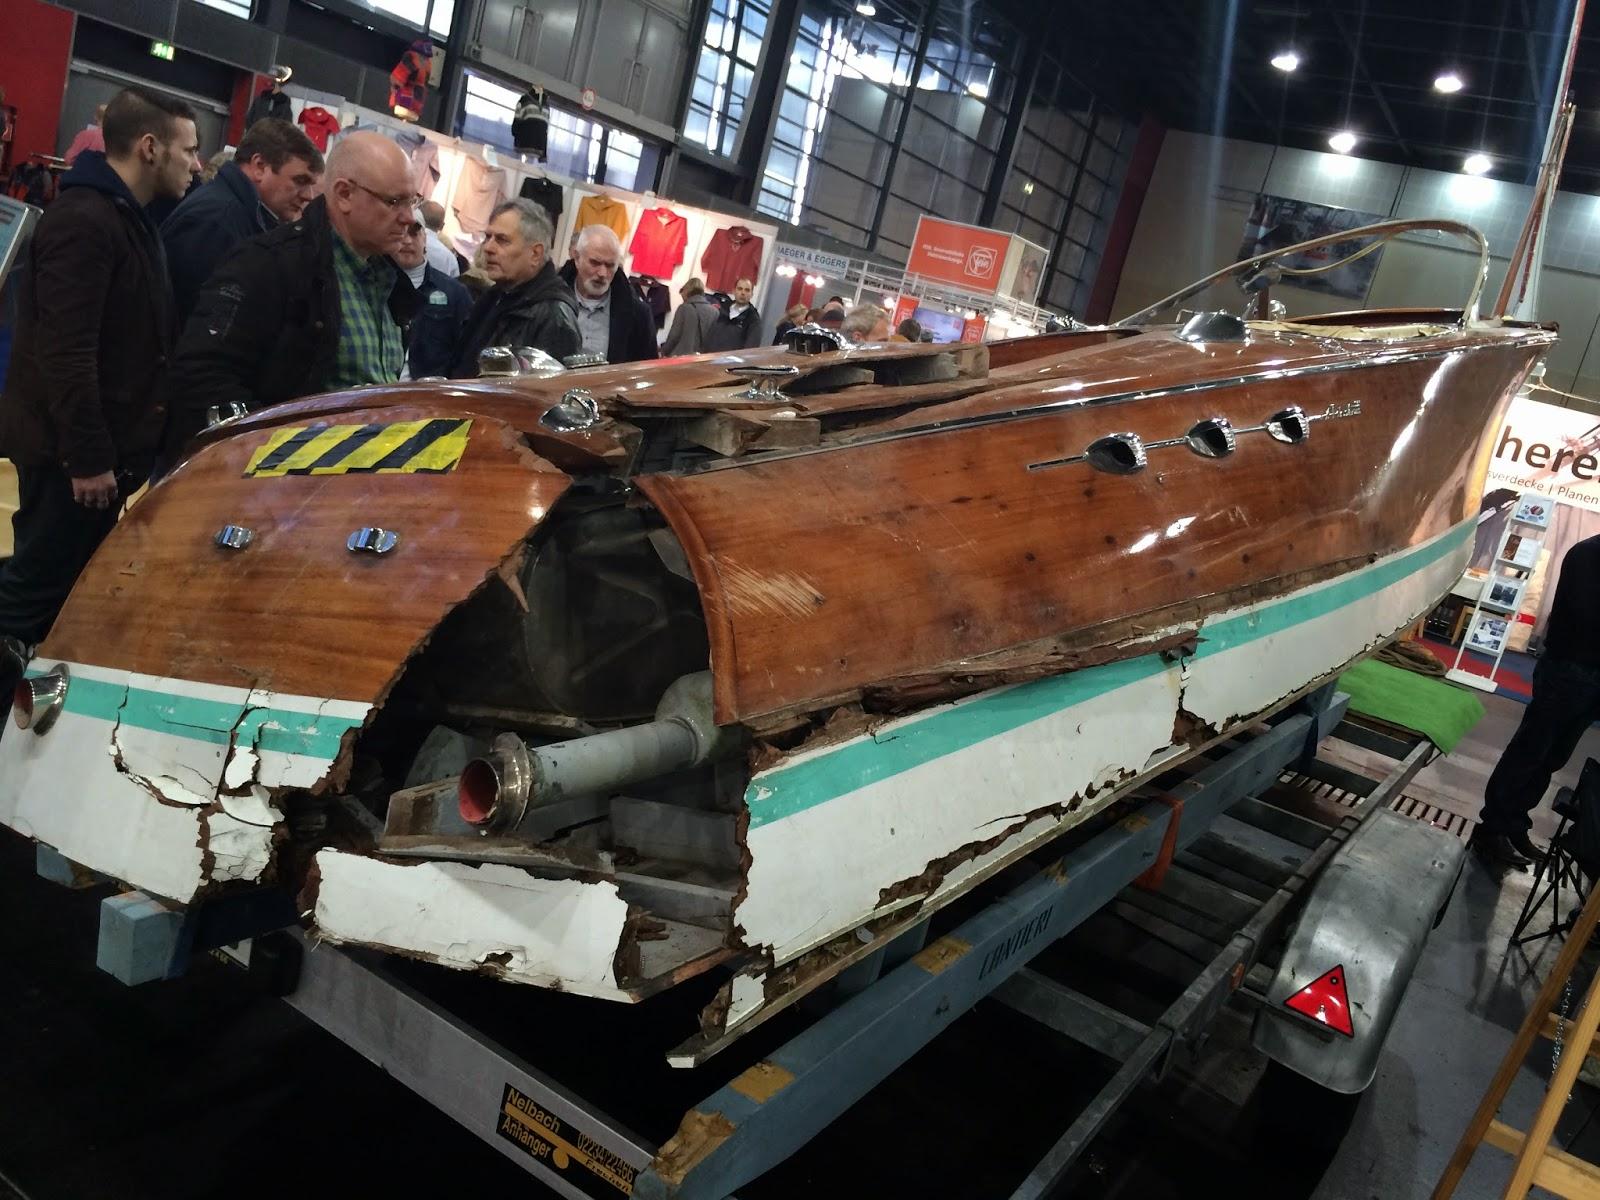 vom selbstbau eines holzbootes - erfahrungsbericht eines amateur